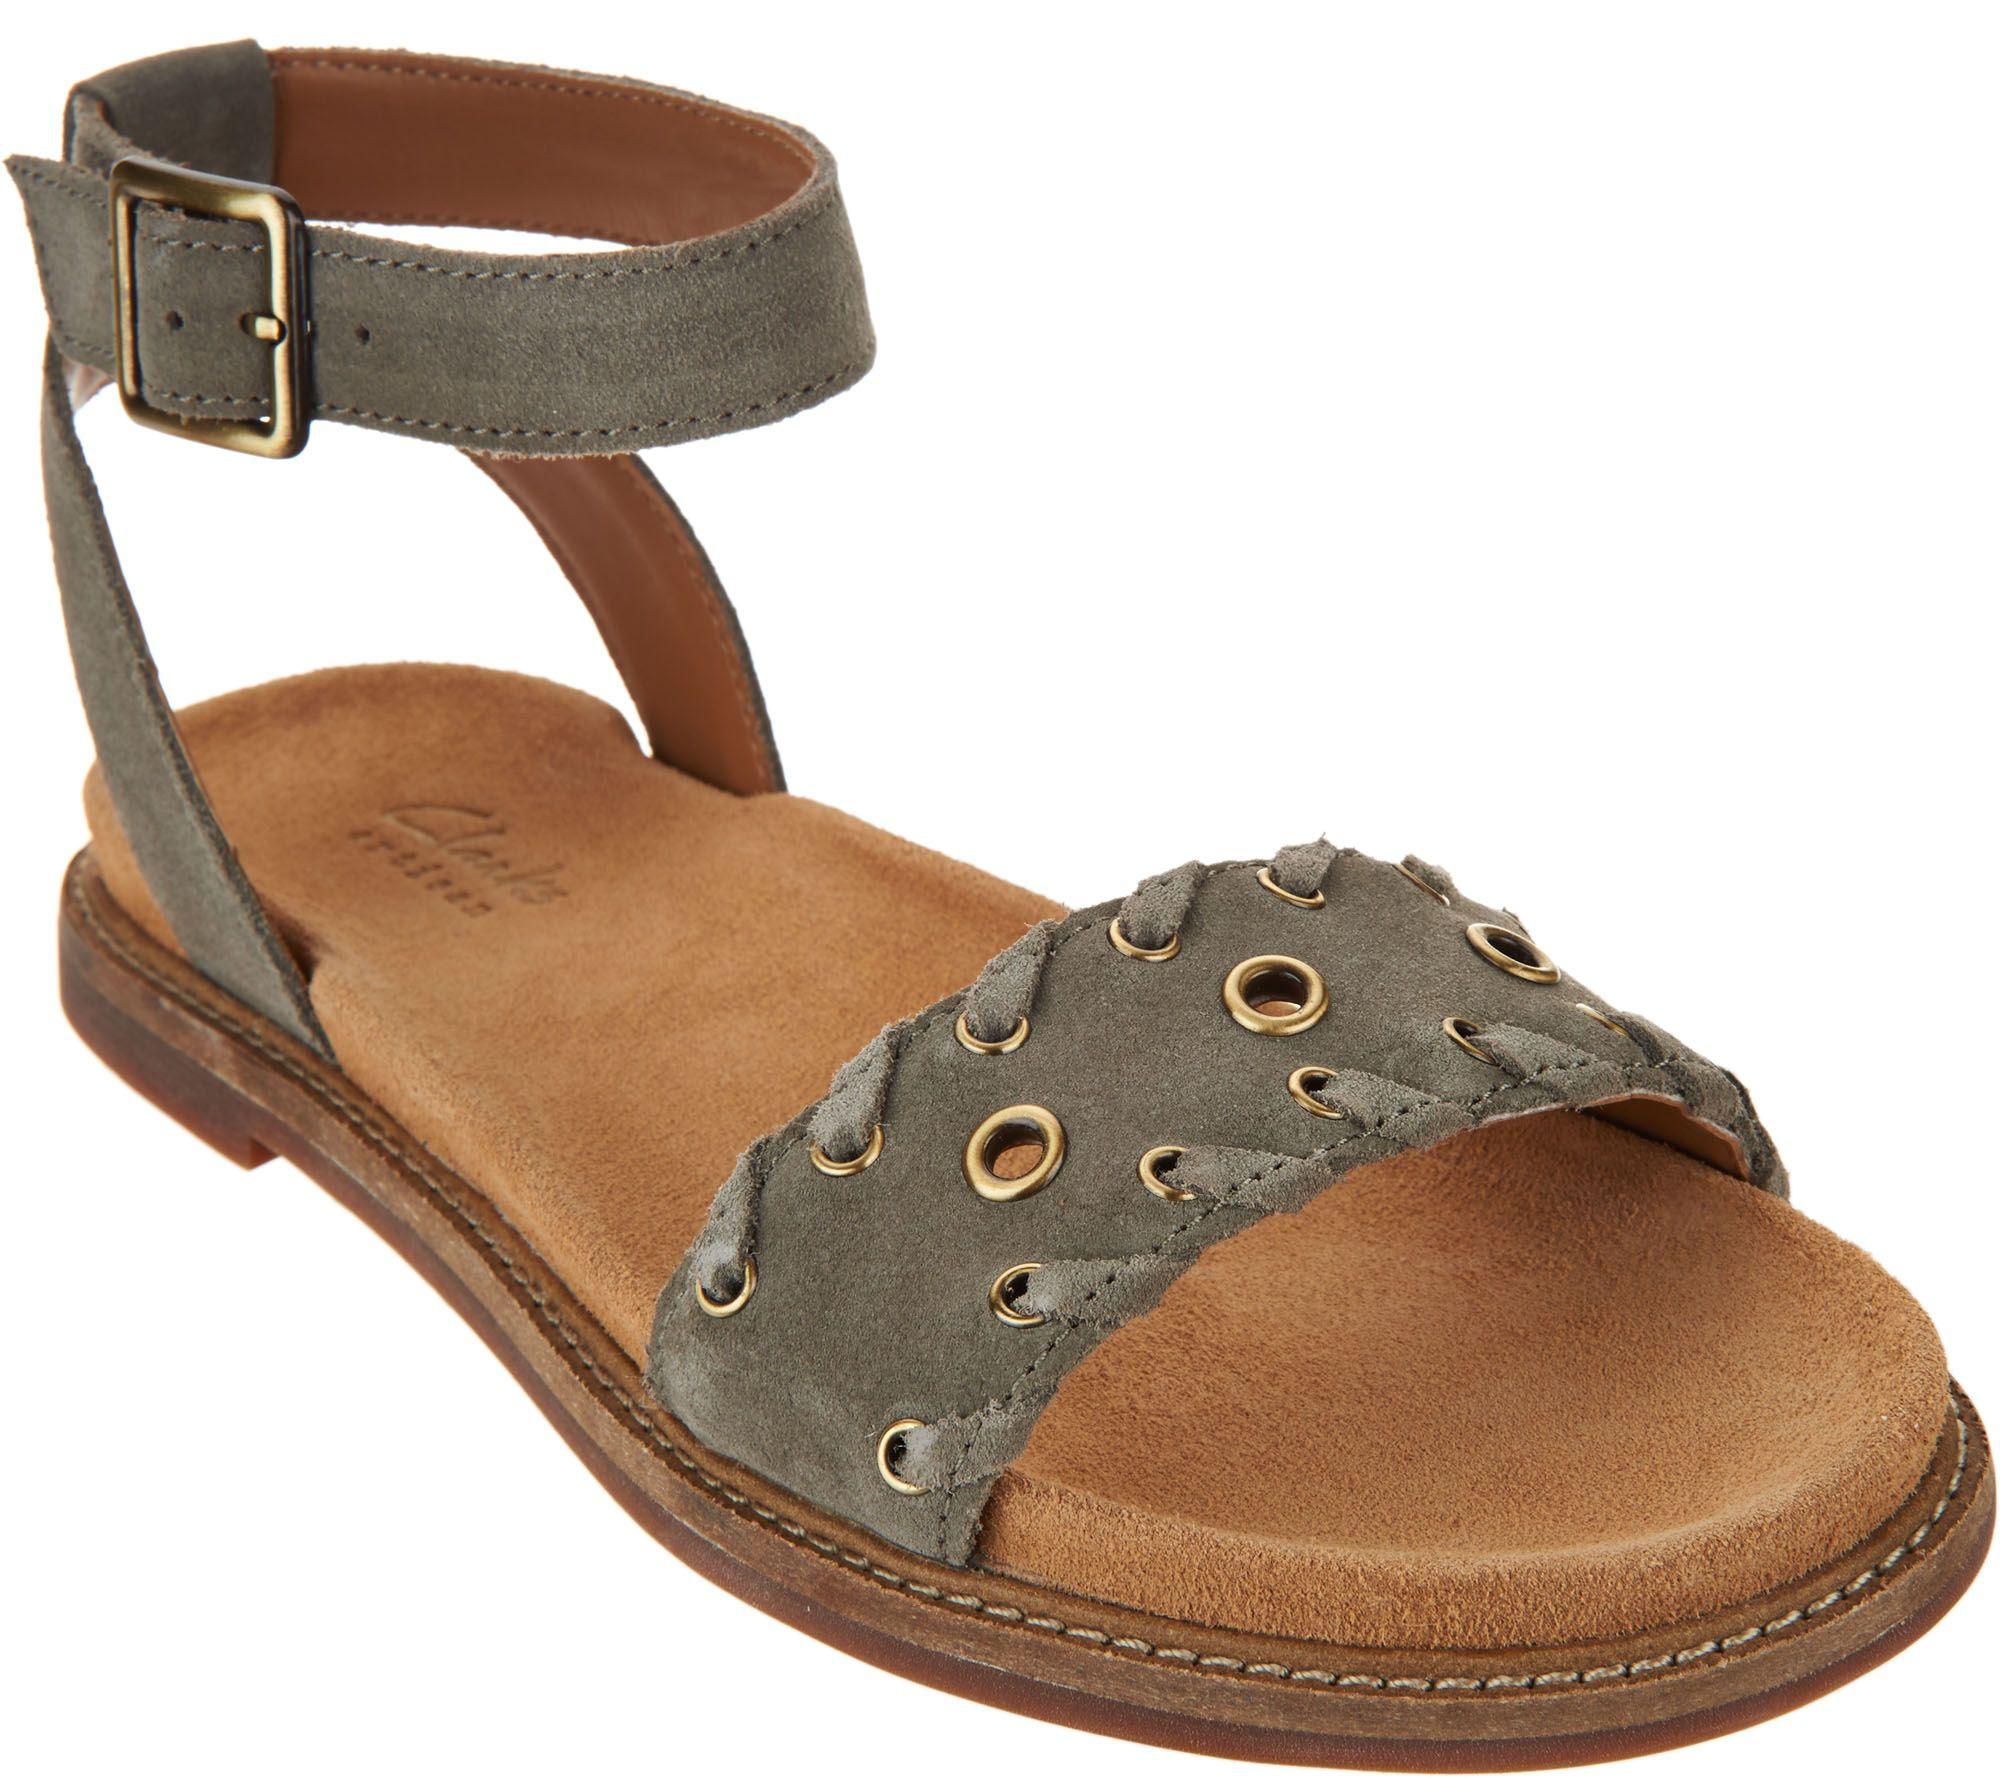 4afd2820b69d Clarks Artisan Suede Ankle Wrap Sandals - Corsio Amelia - Page 1 — QVC.com